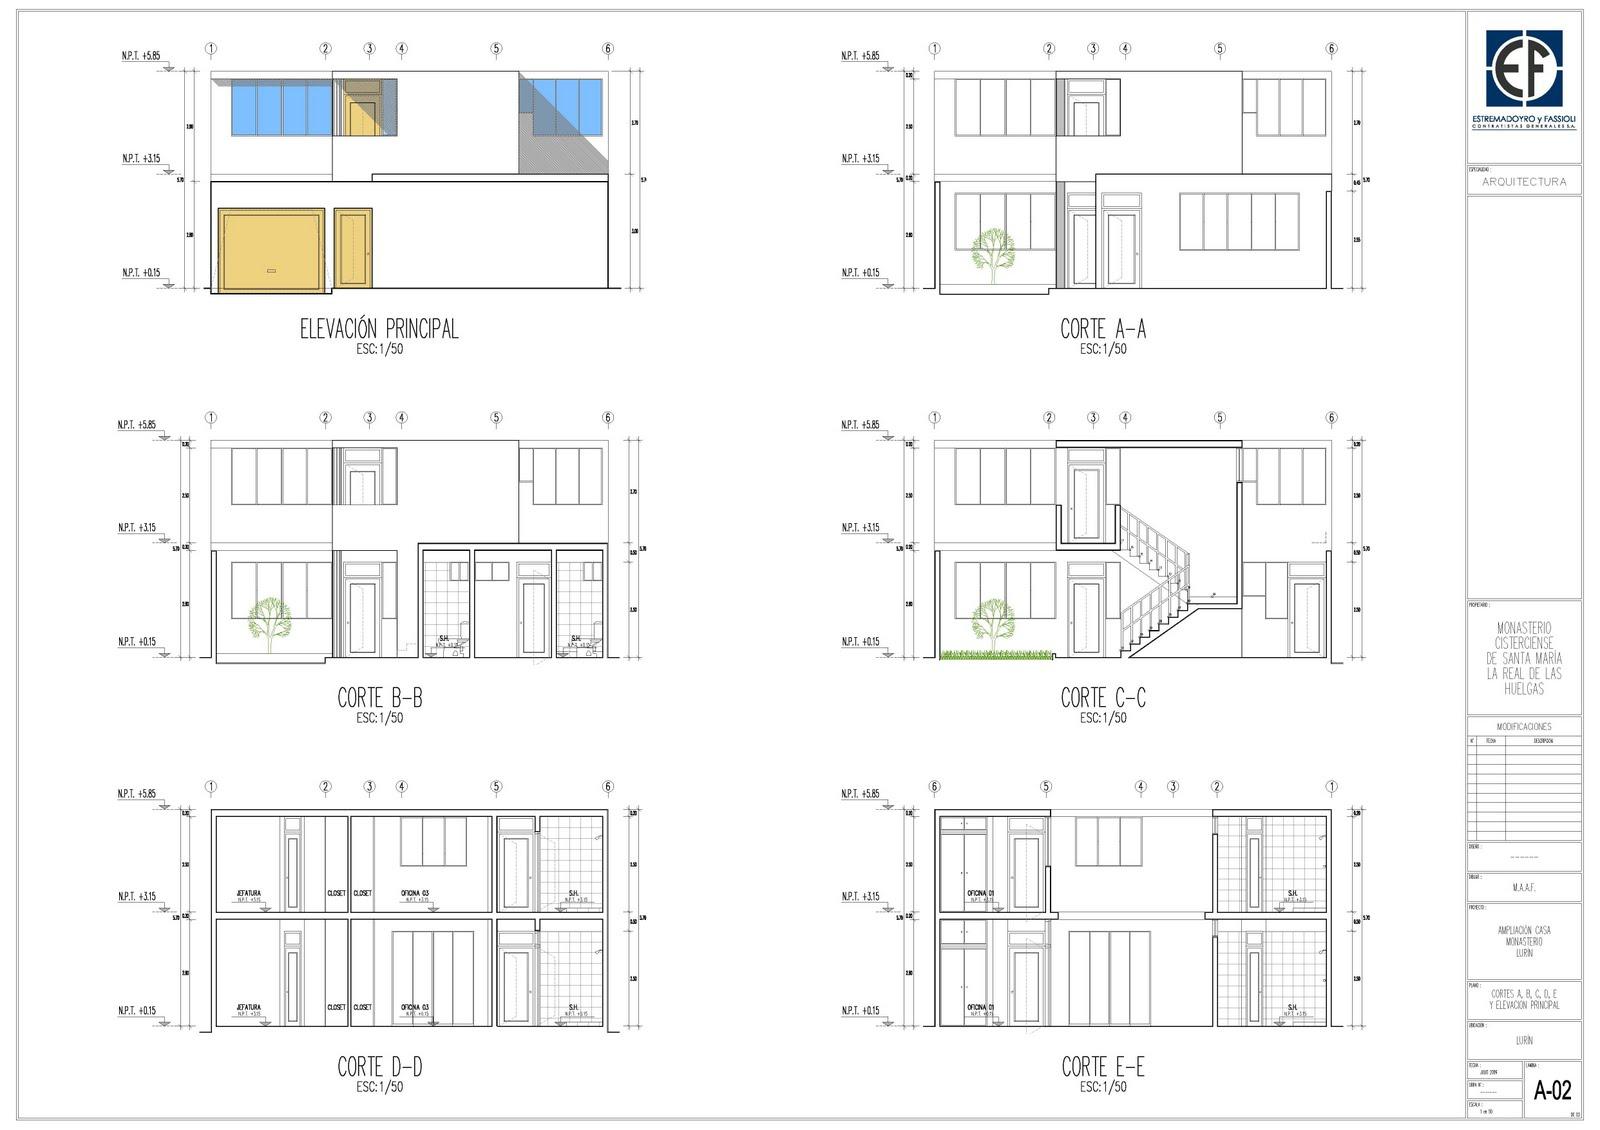 Planos arquitectonicos sena vistas for Clasificacion de los planos arquitectonicos